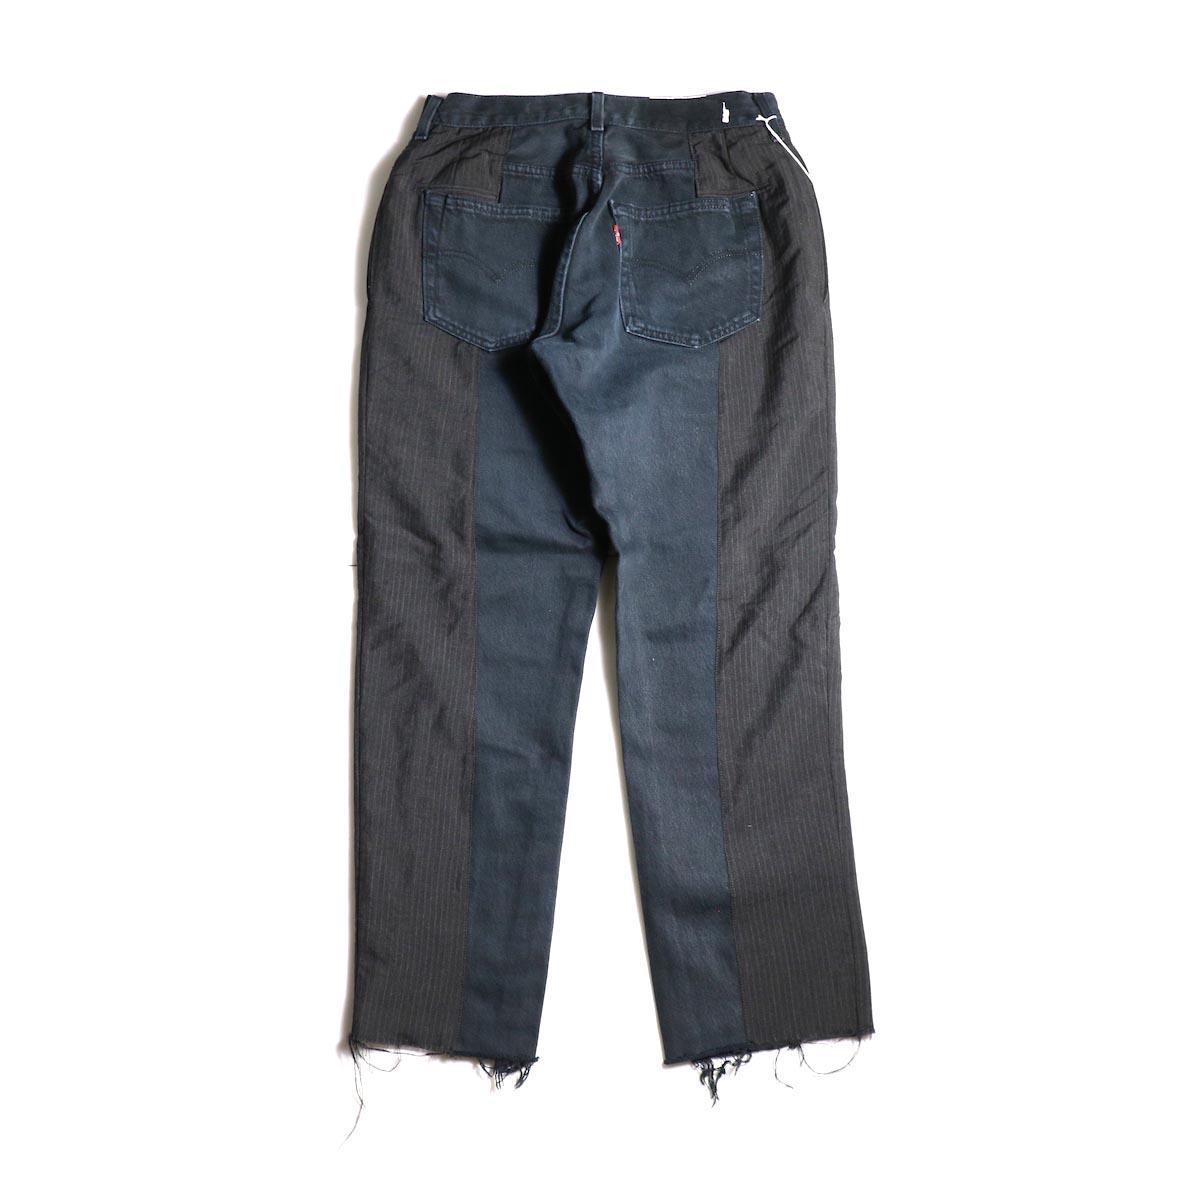 OLD PARK / Docking Jeans Black (Ssize-B)背面